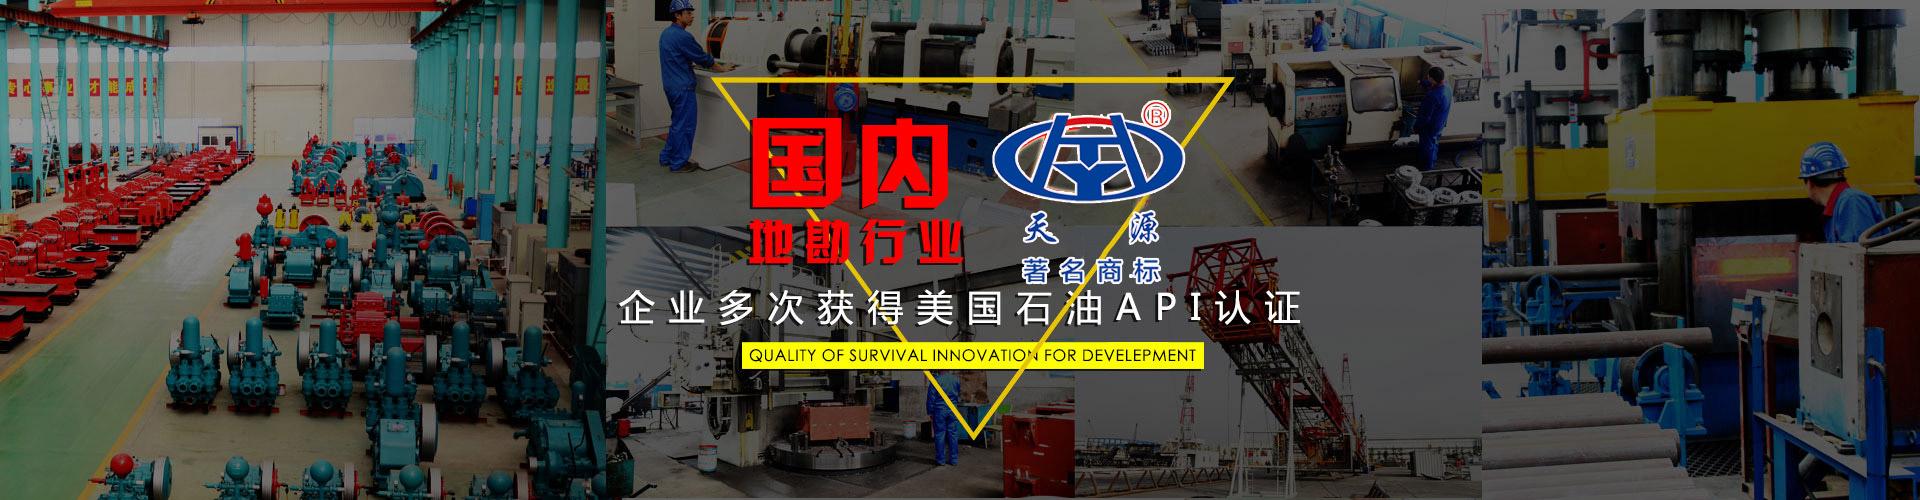 齐发娱乐|齐发娱乐唯一官网|齐发娱乐官方网站_企业多次获得美国石油API认证